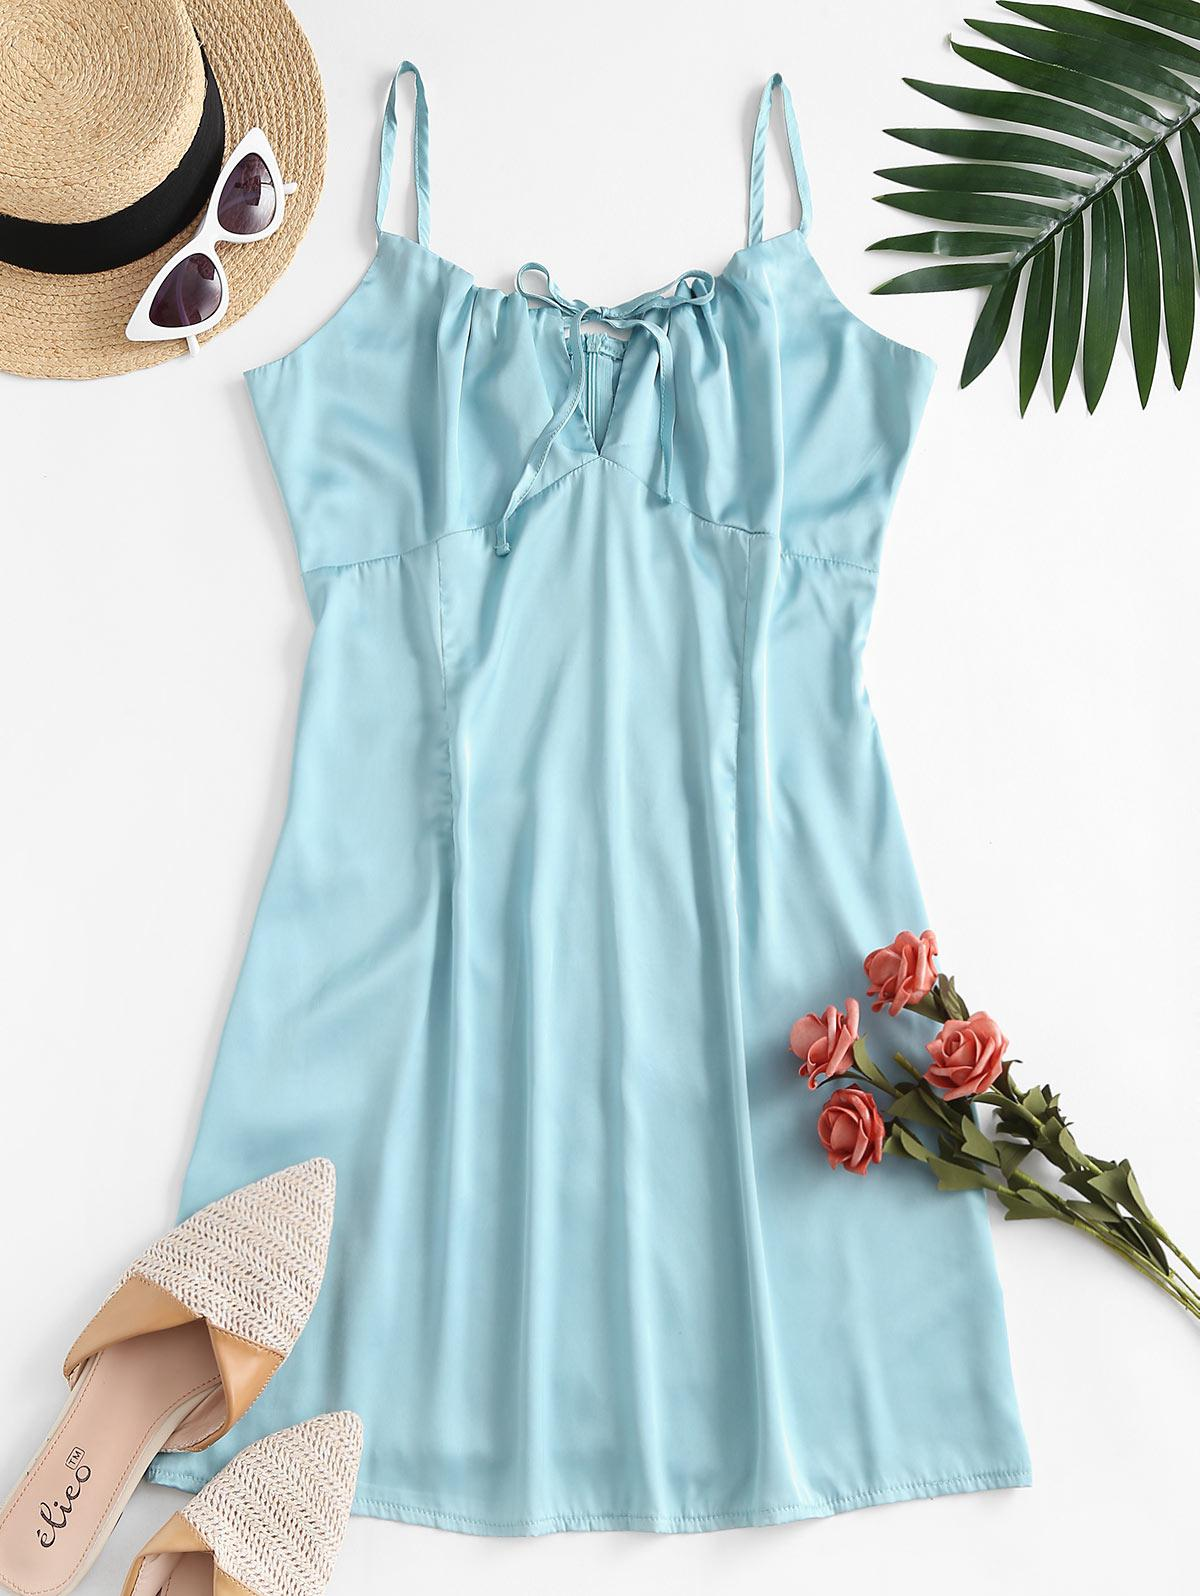 ZAFUL Tie Collar Silky Satin Cami Dress